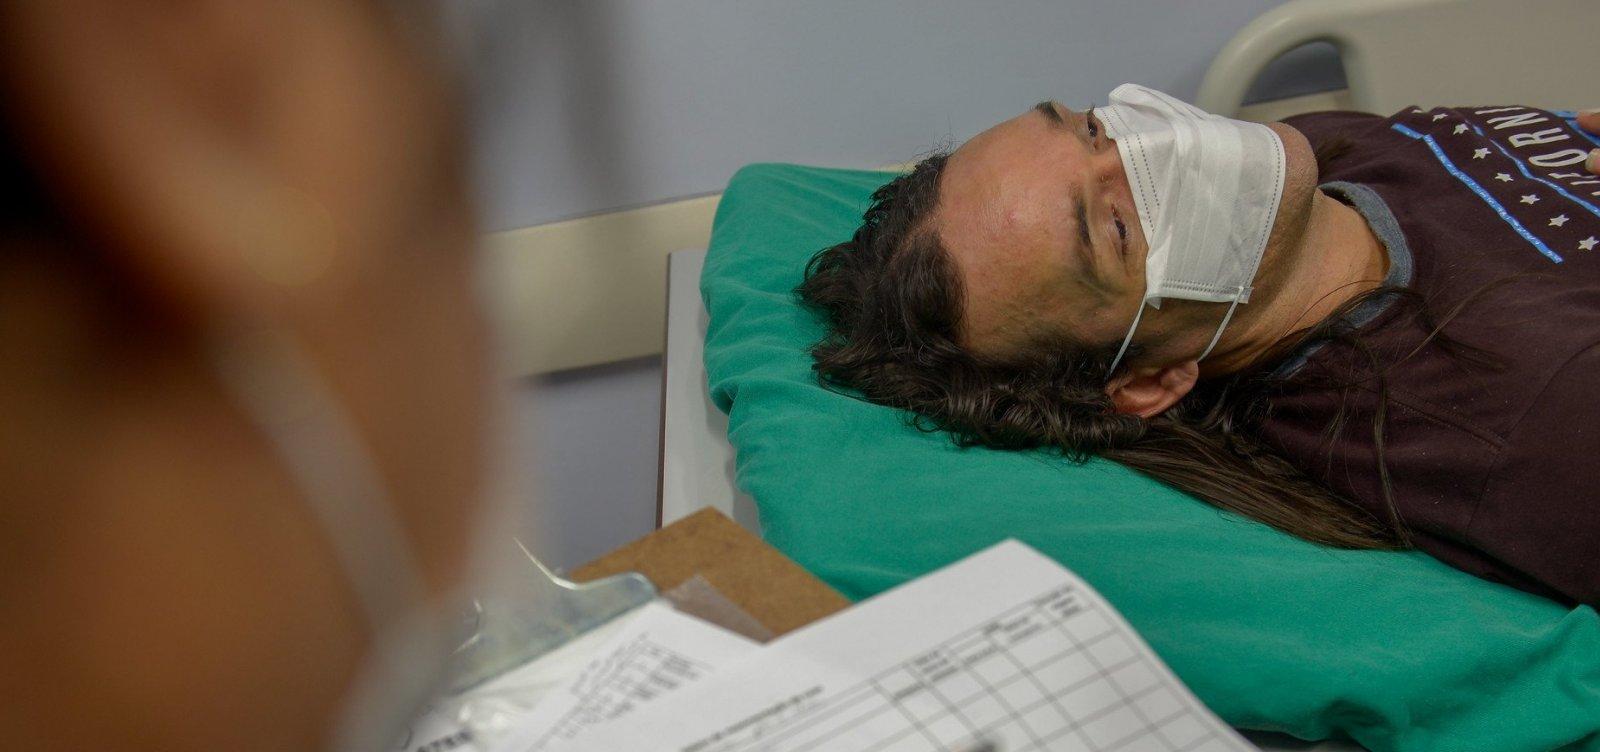 [Sobe para 13 o número de casos confirmados do coronavírus no Brasil]